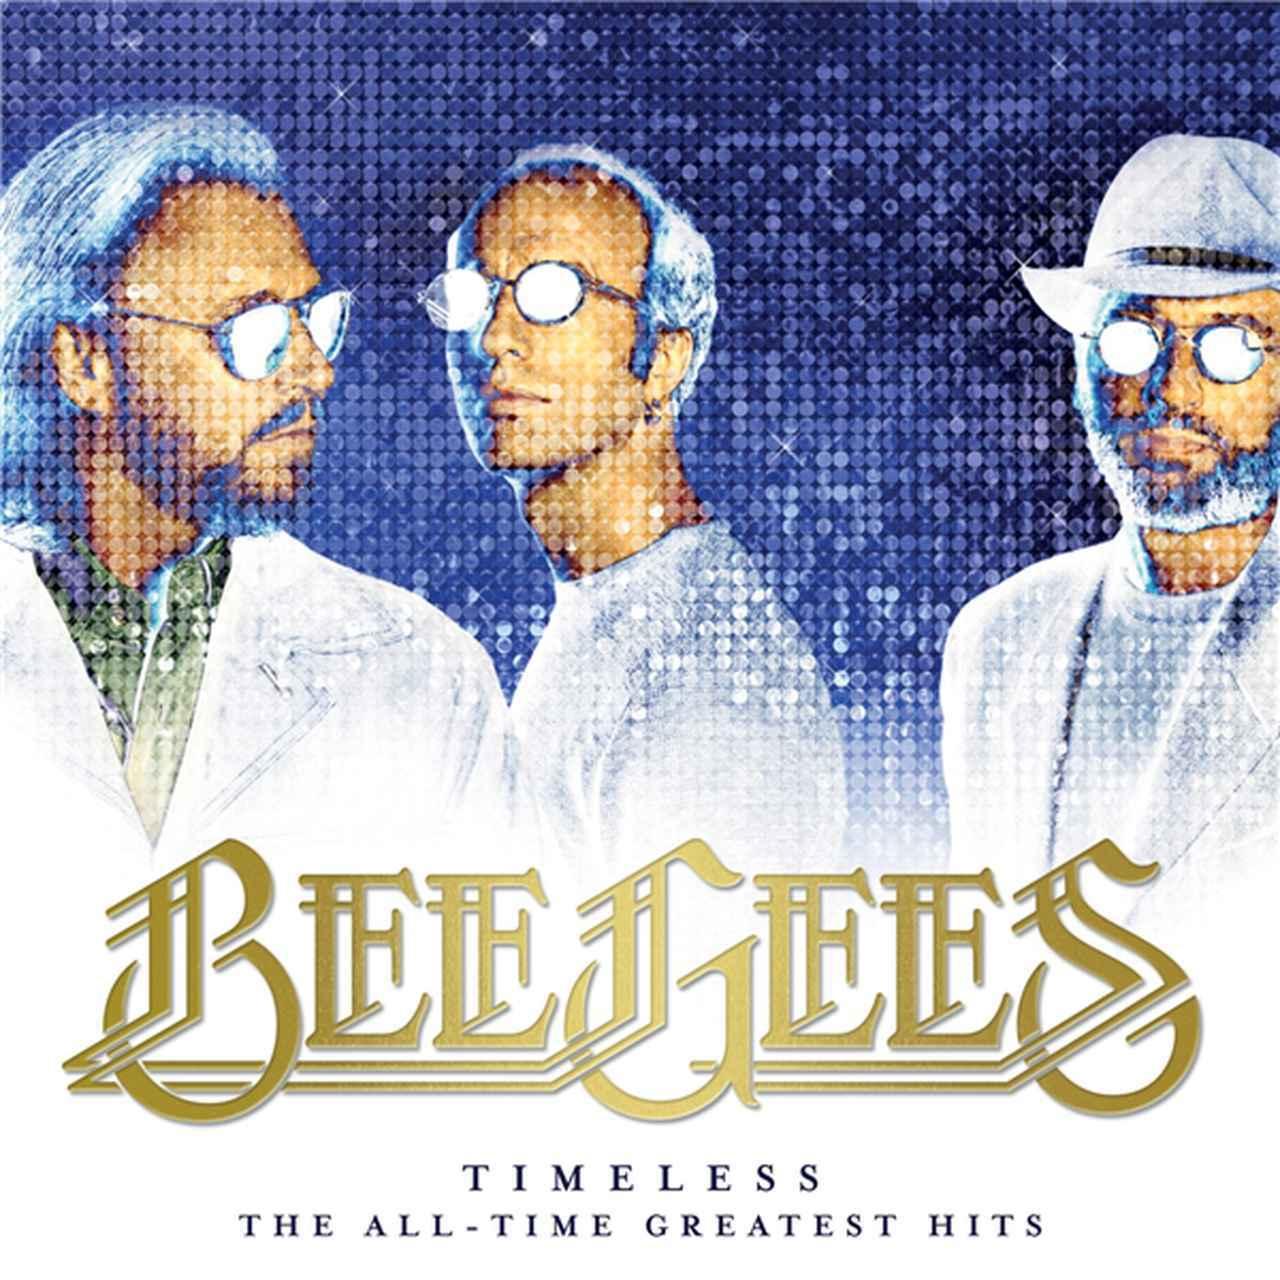 画像: Timeless - The All-Time Greatest Hits / Bee Gees